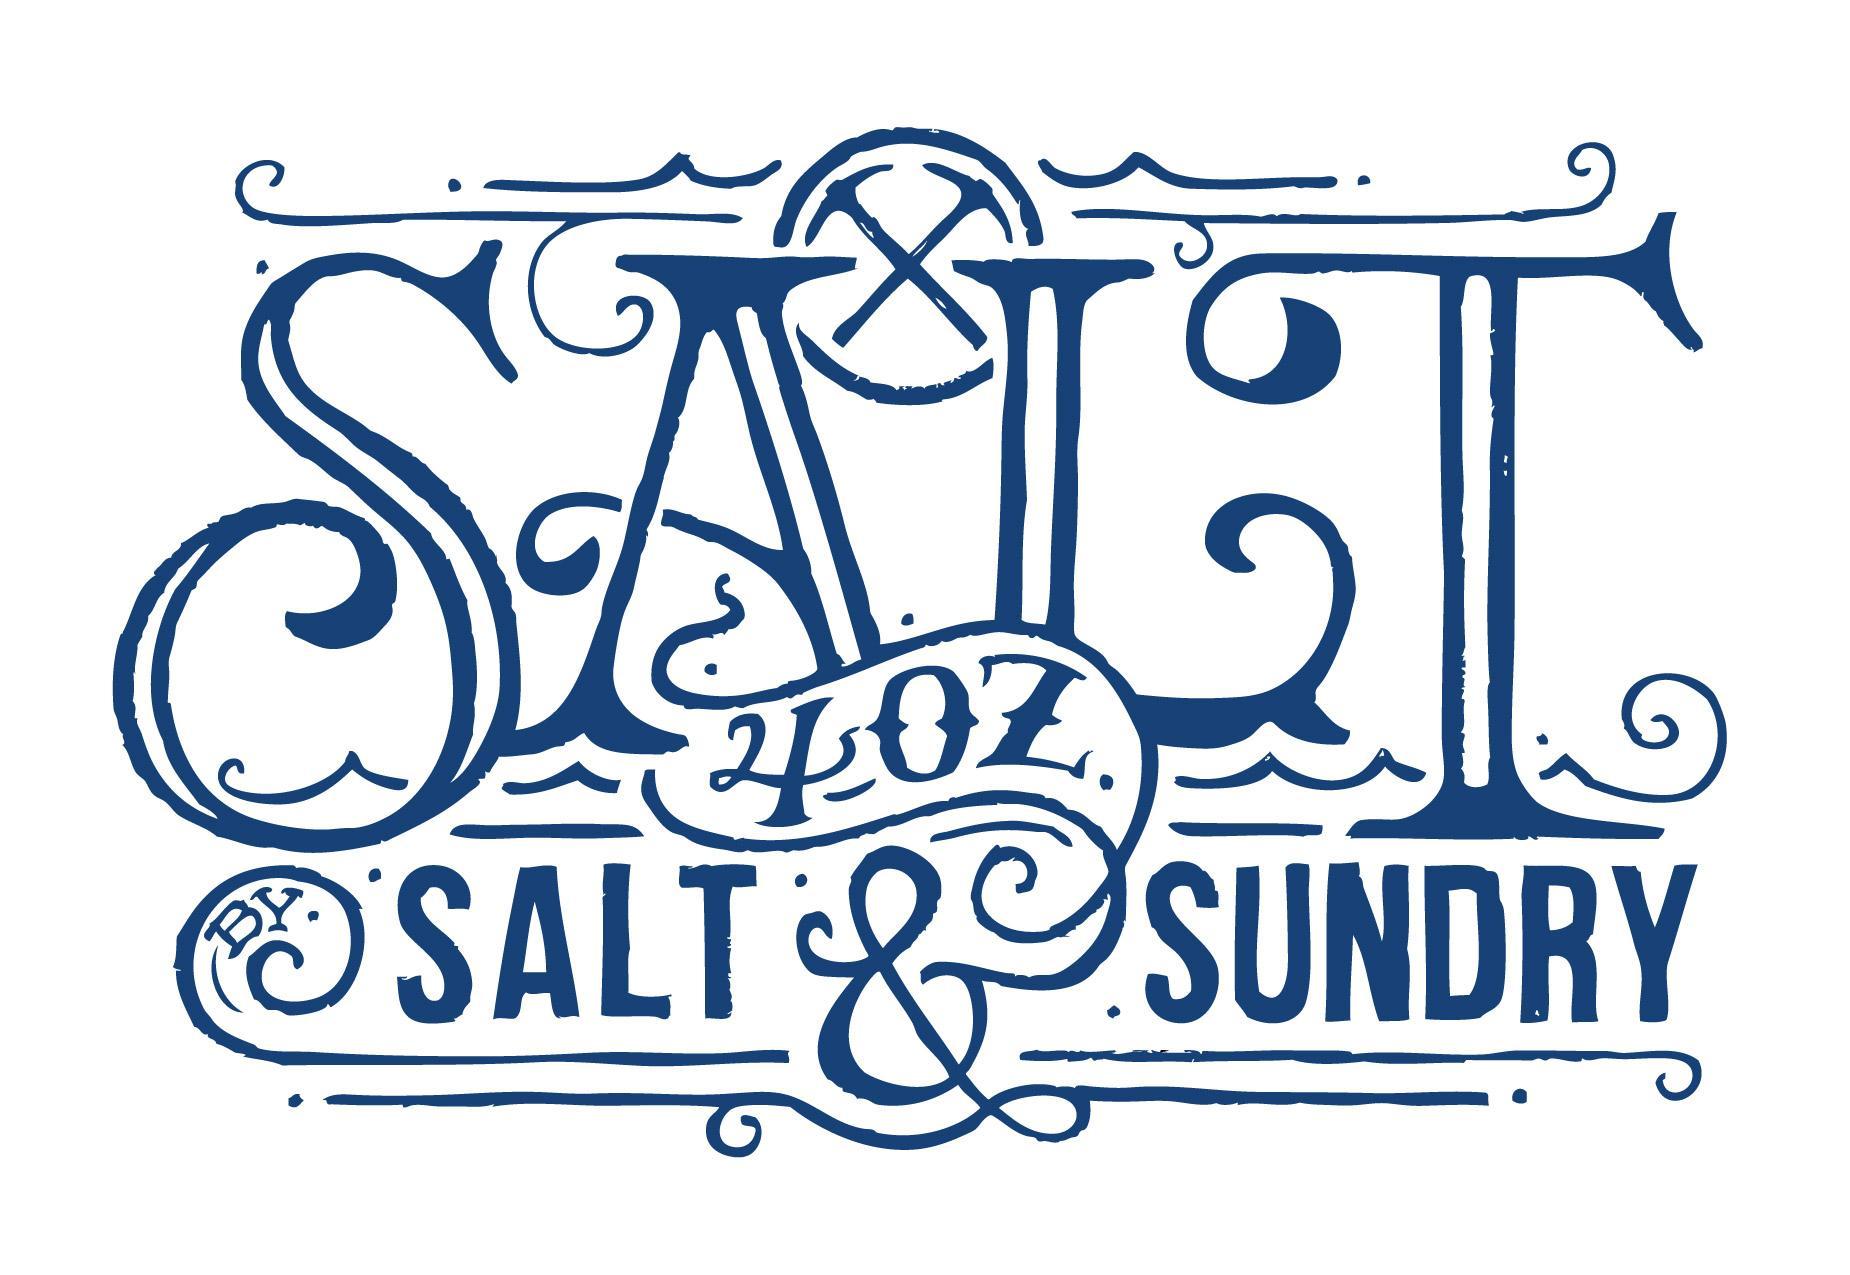 Salt Label - image 1 - student project